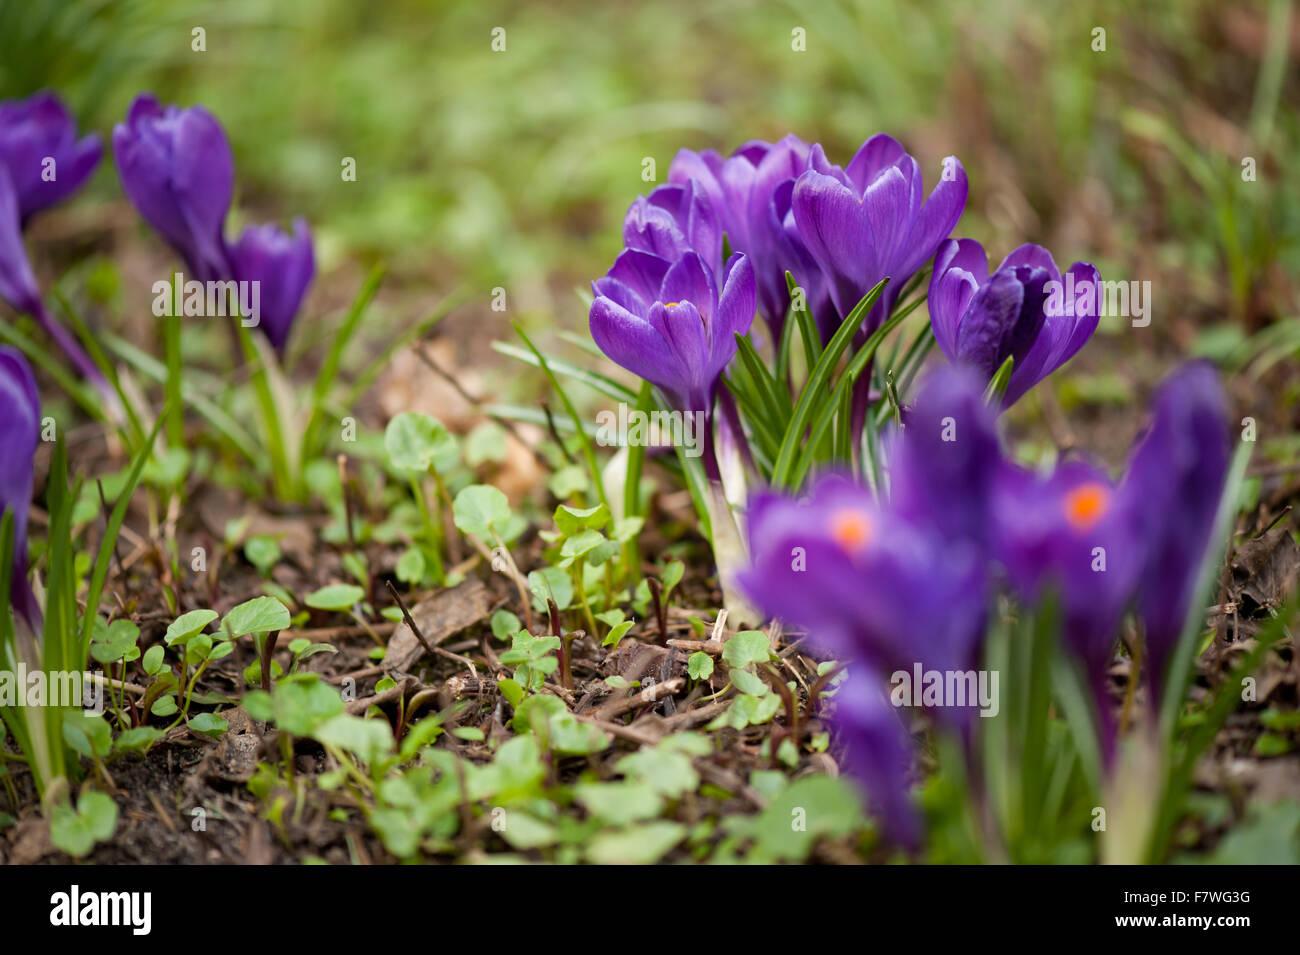 Croci Lila Blumen Closeup Blütenpflanzen Klumpen In Der Iris